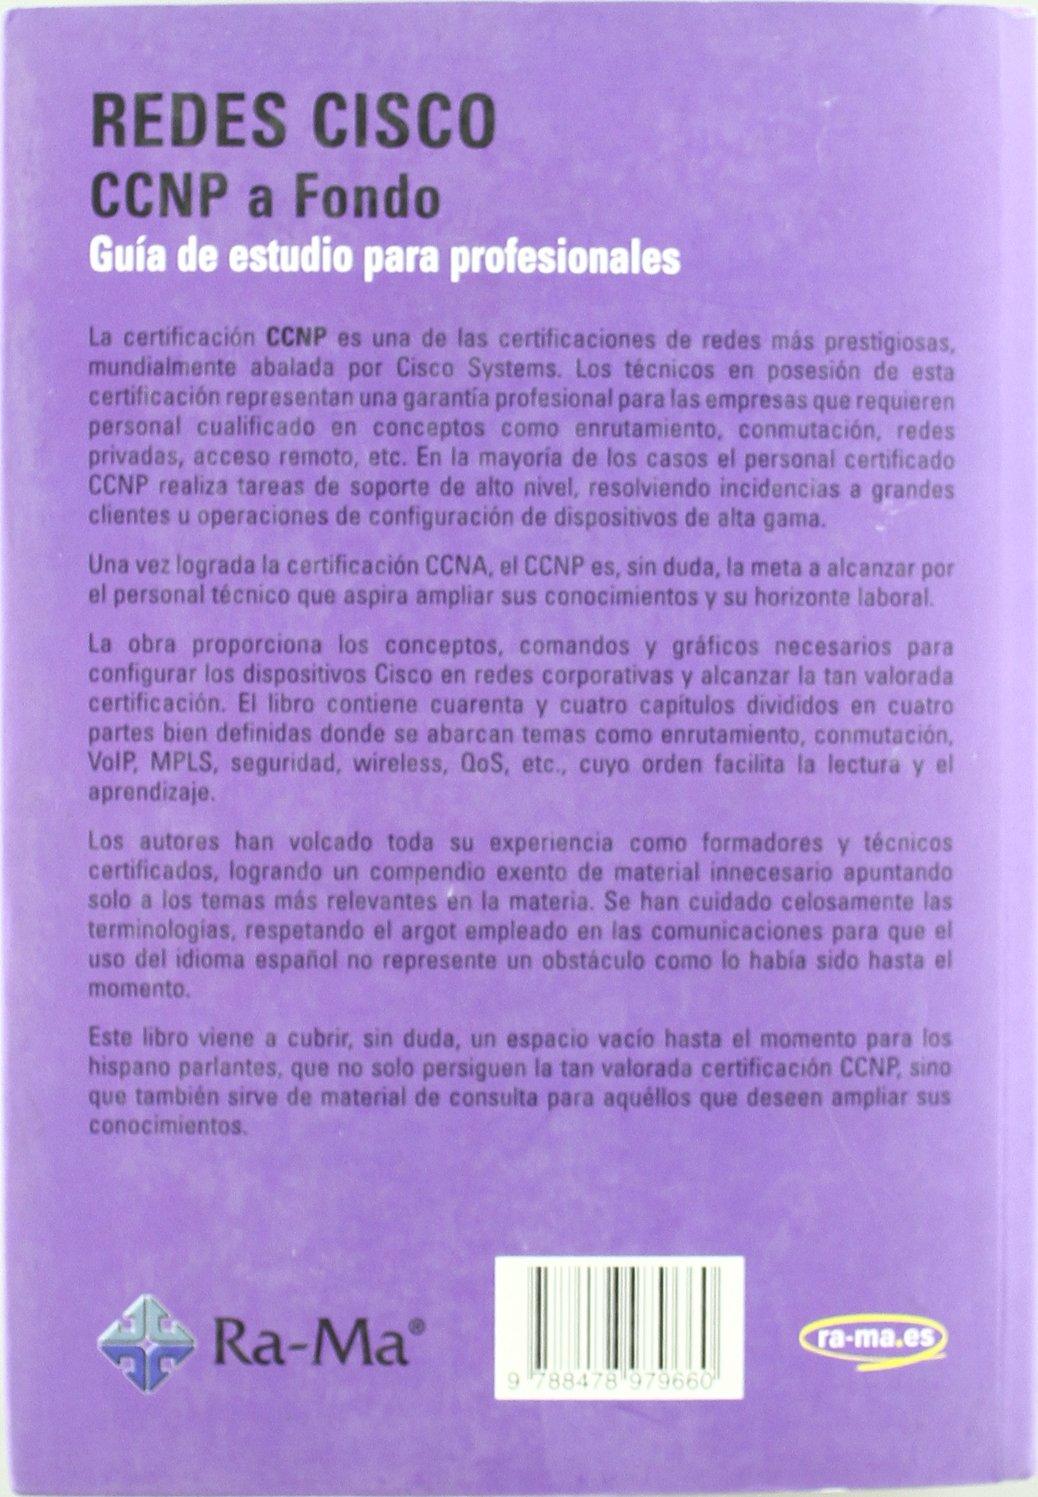 Redes CISCO. CCNP a fondo. Guía de estudio para profesionales Tapa blanda – 14 abr 2010 Ernesto Ariganello ANTONIO GARCIA TOME 8478979662 Estilos De Vida Digital